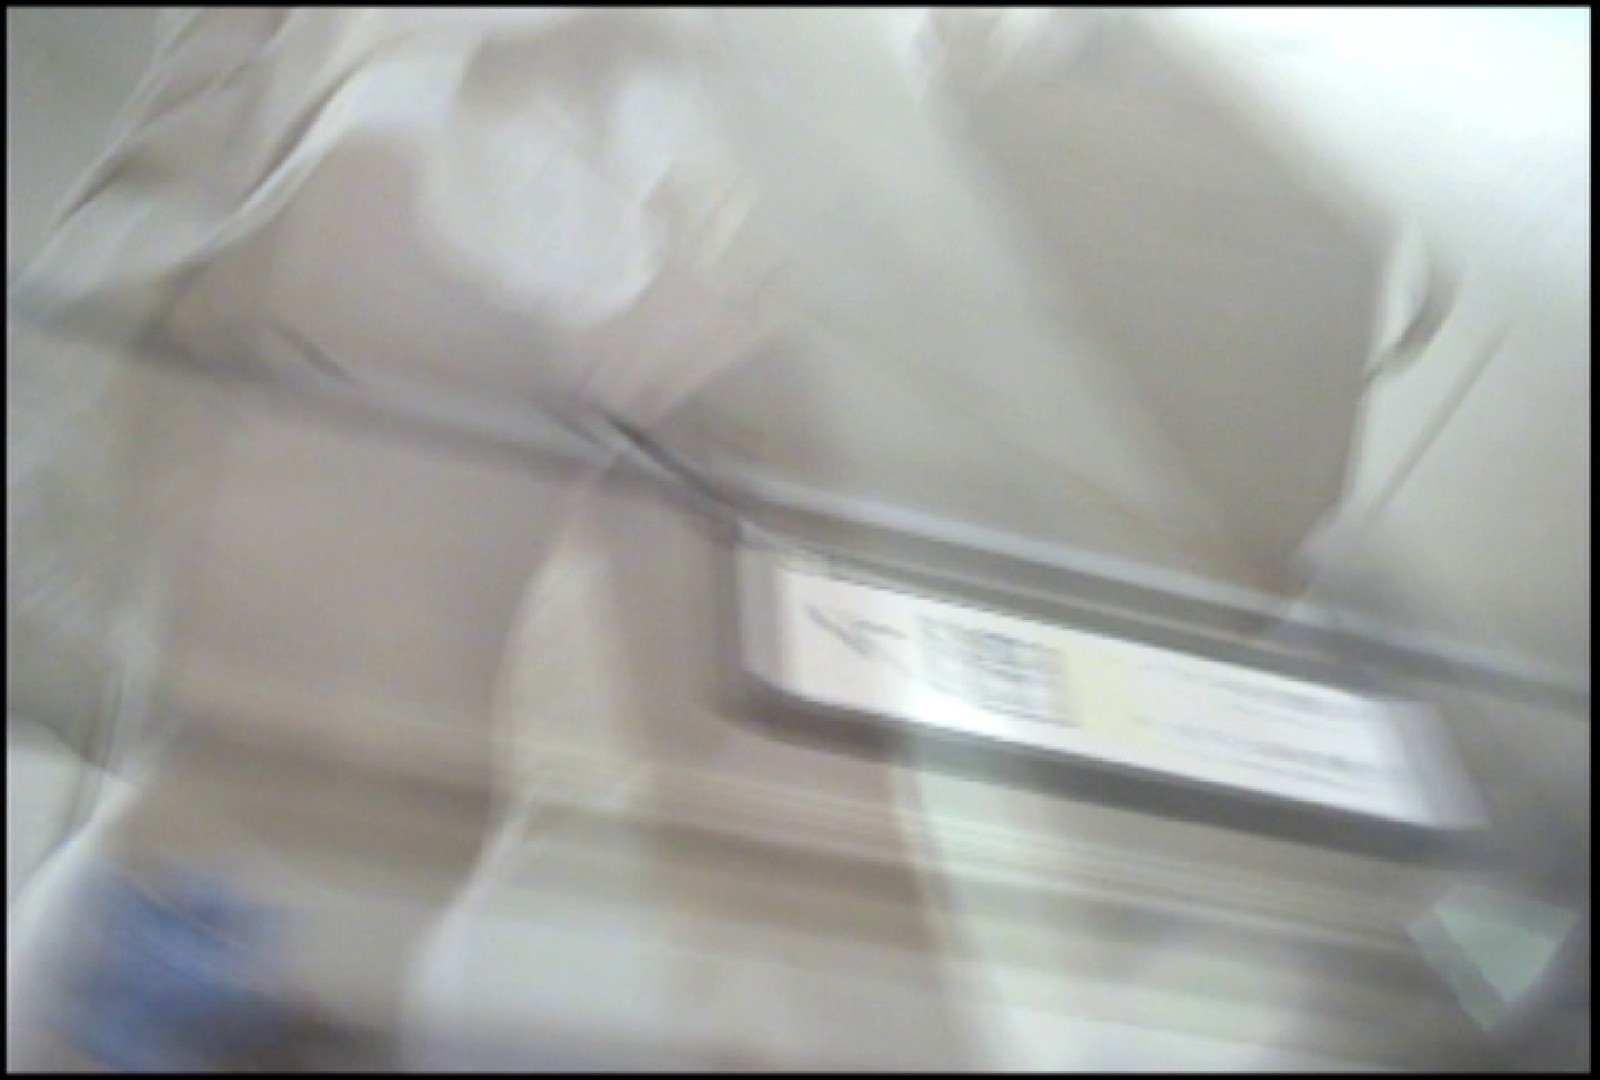 「しん」さんの逆さバイキングVol.2 エッチすぎるOL達 ワレメ動画紹介 91連発 44